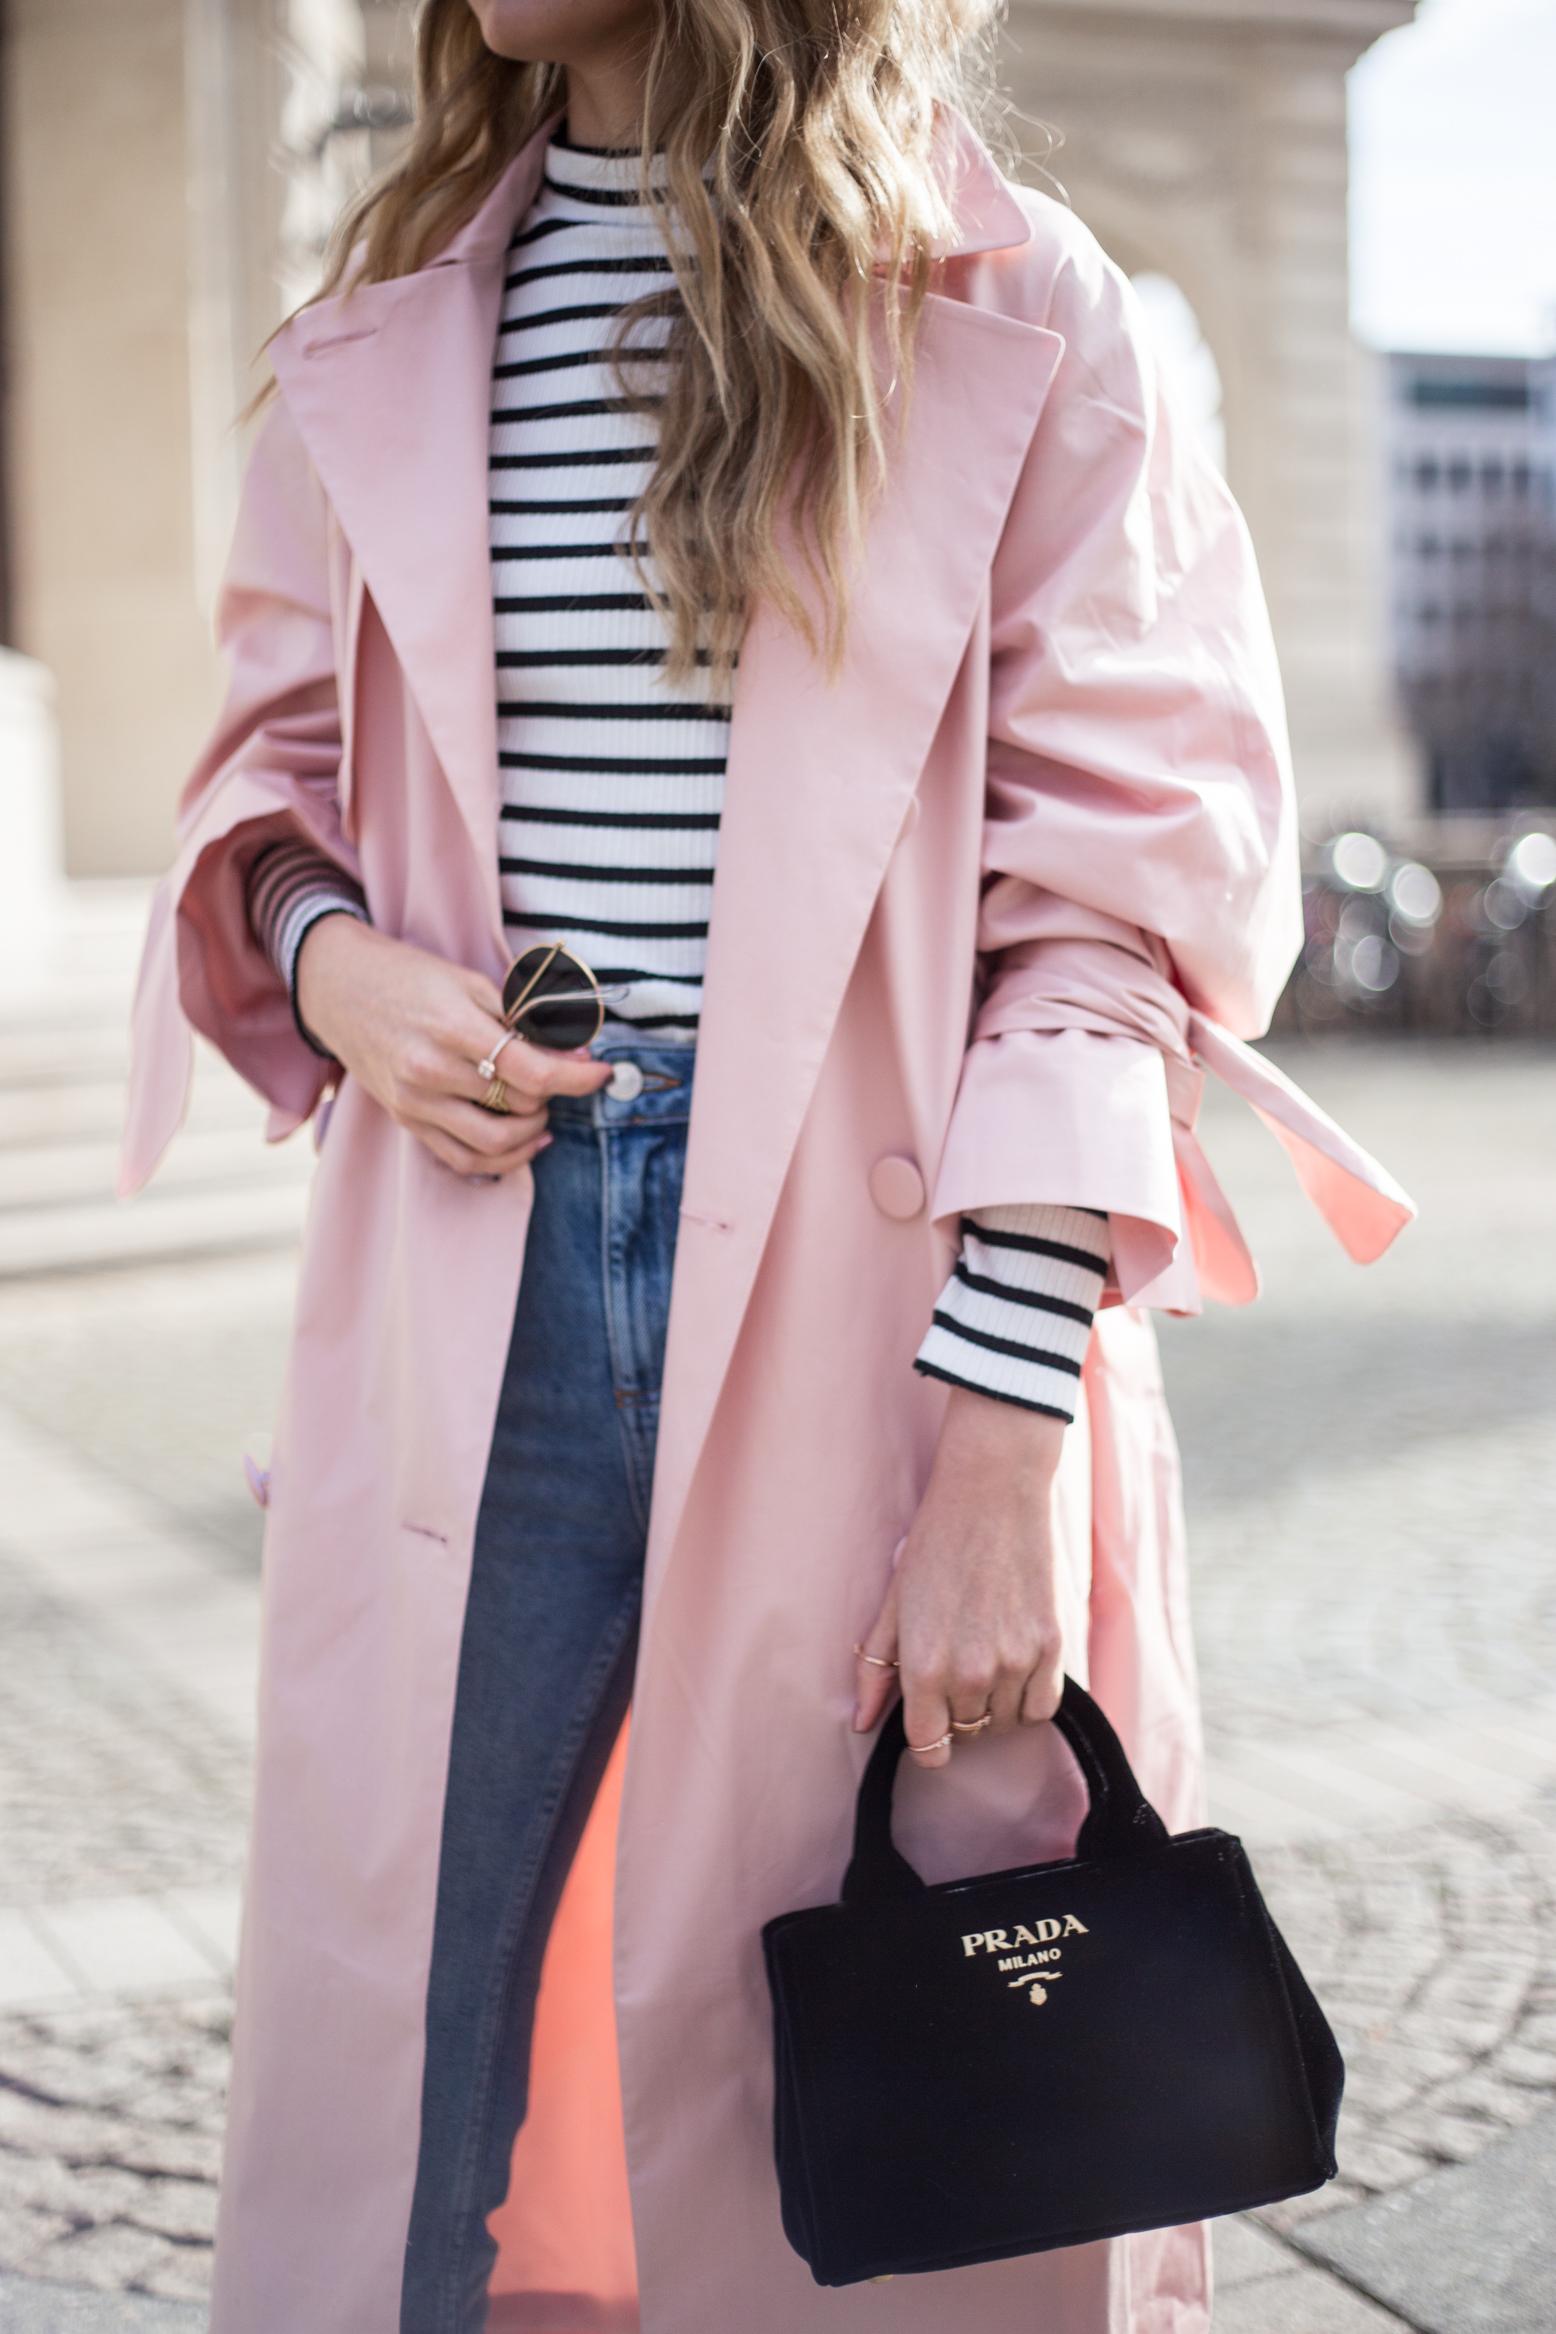 trenchcoat-outfit-prada-bag-velvet-0210